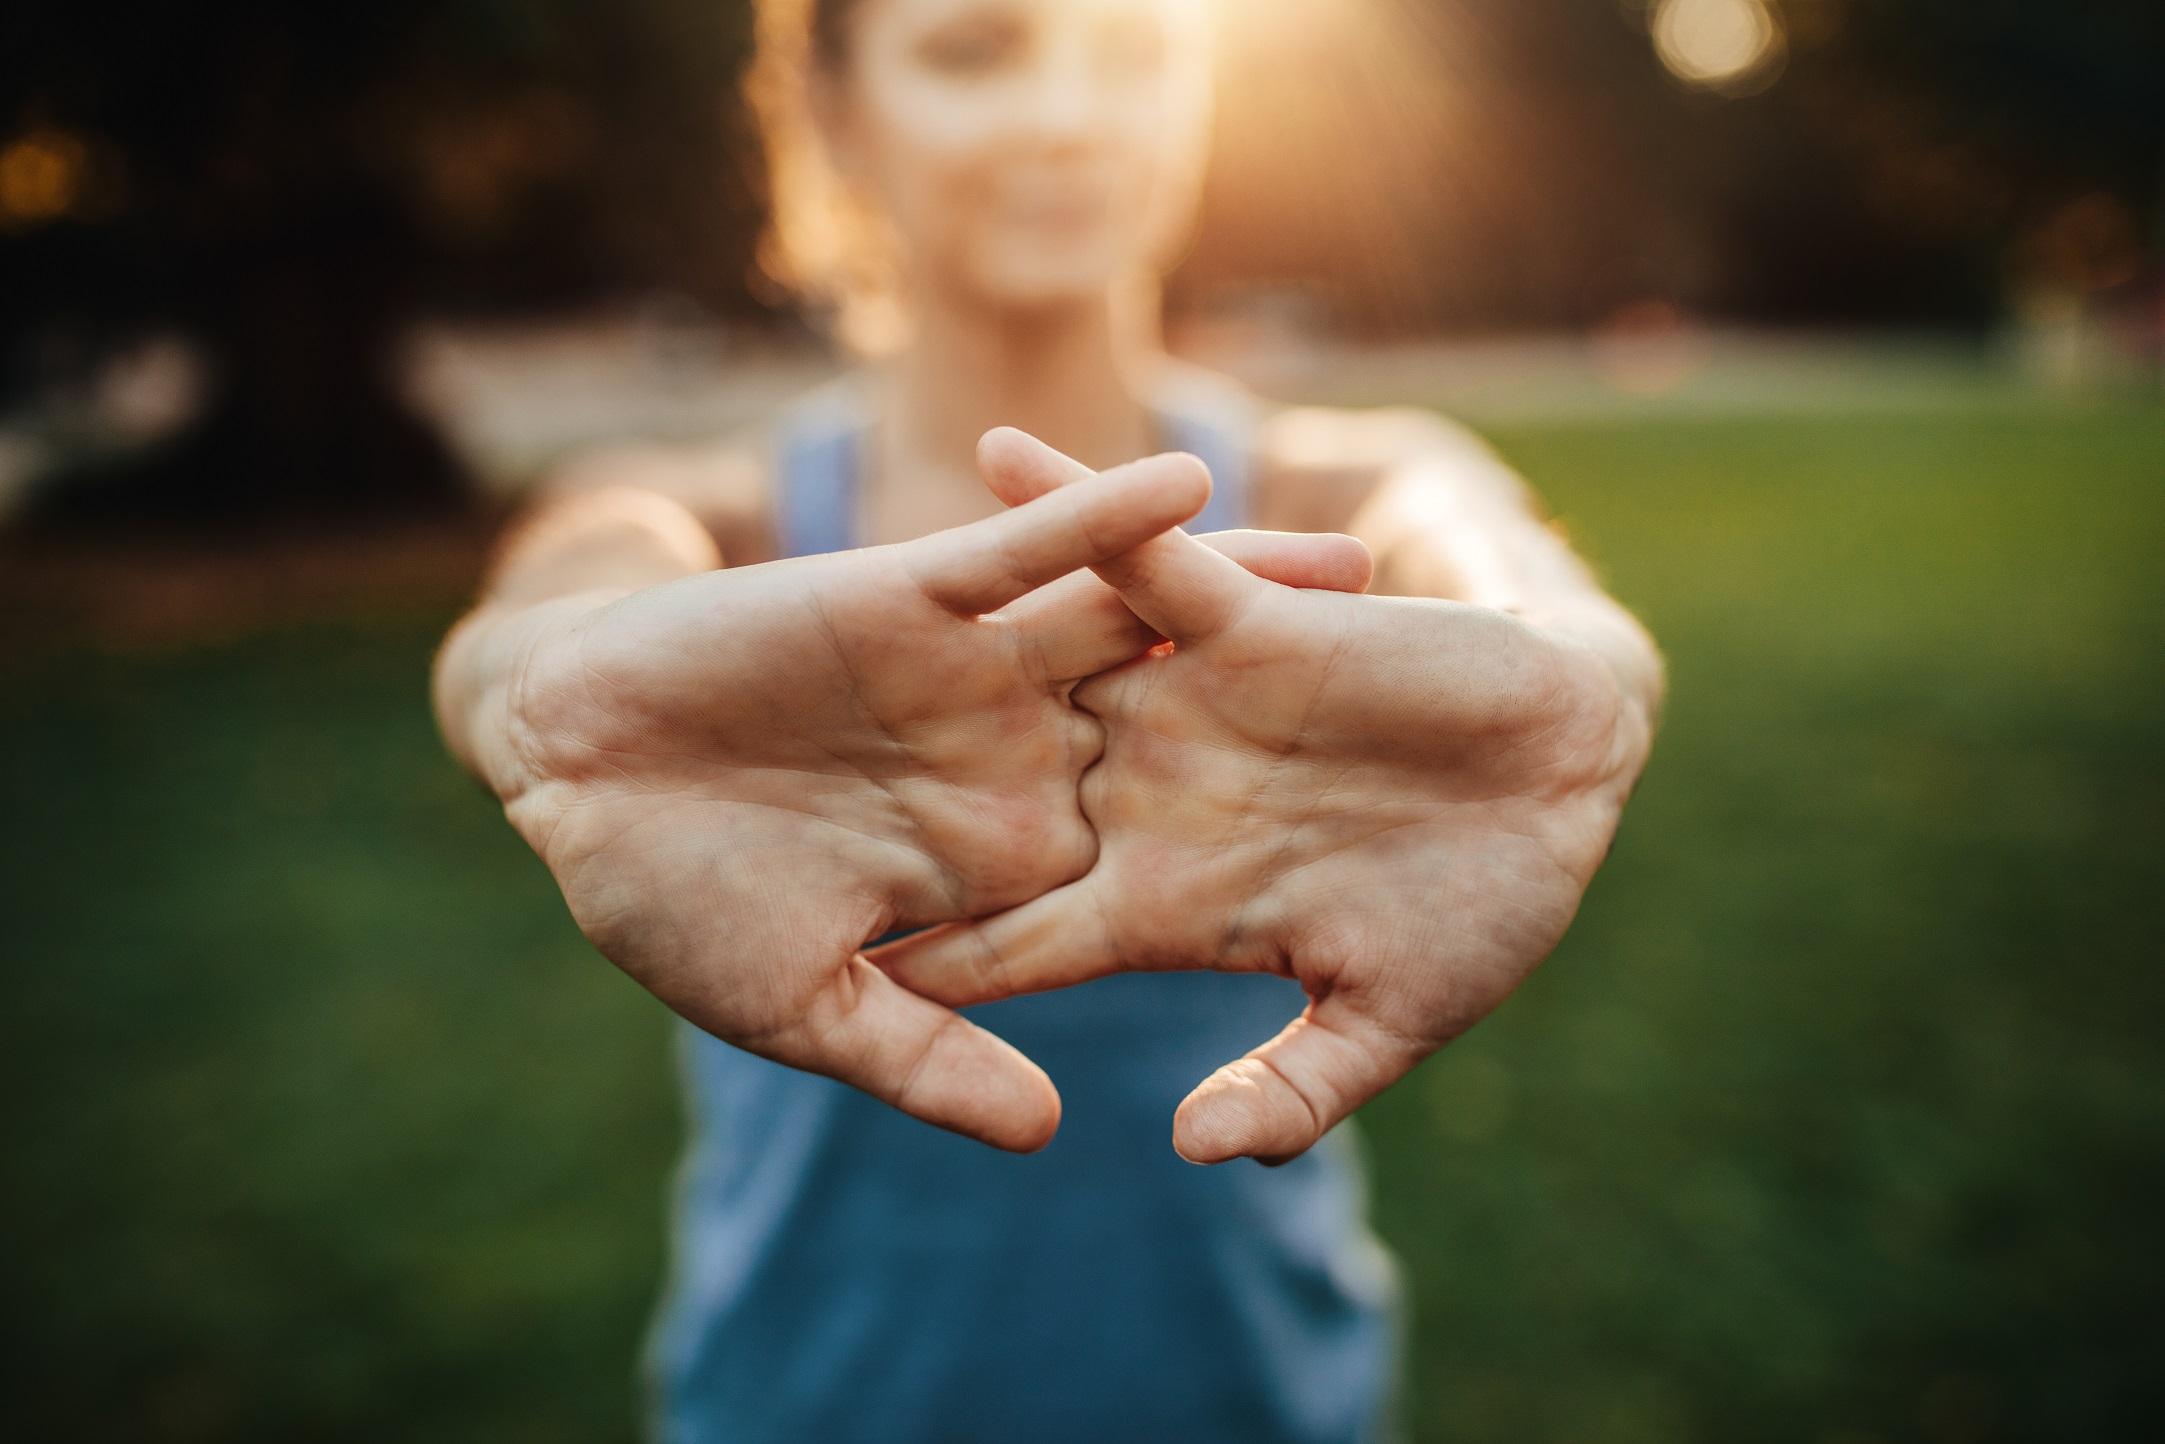 活出「你想」模樣:告別壓力,散發健康體態美! - WELLNESS - K11